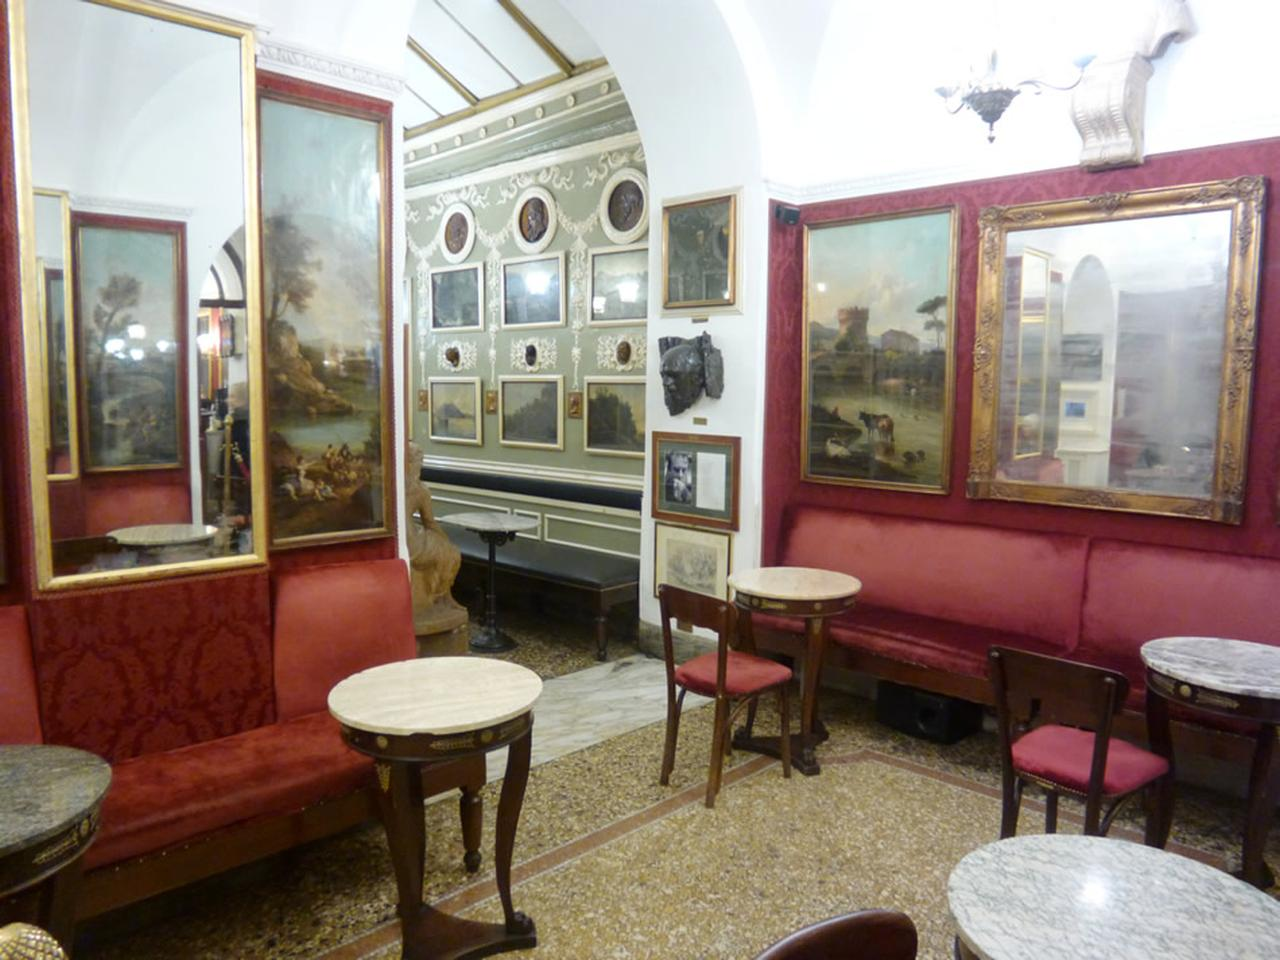 画像: 店内には300点以上もの芸術作品が飾られている。アンデルセンやスタンダールなどの文豪が常連だったという、昔の時代にタイムスリップしたよう